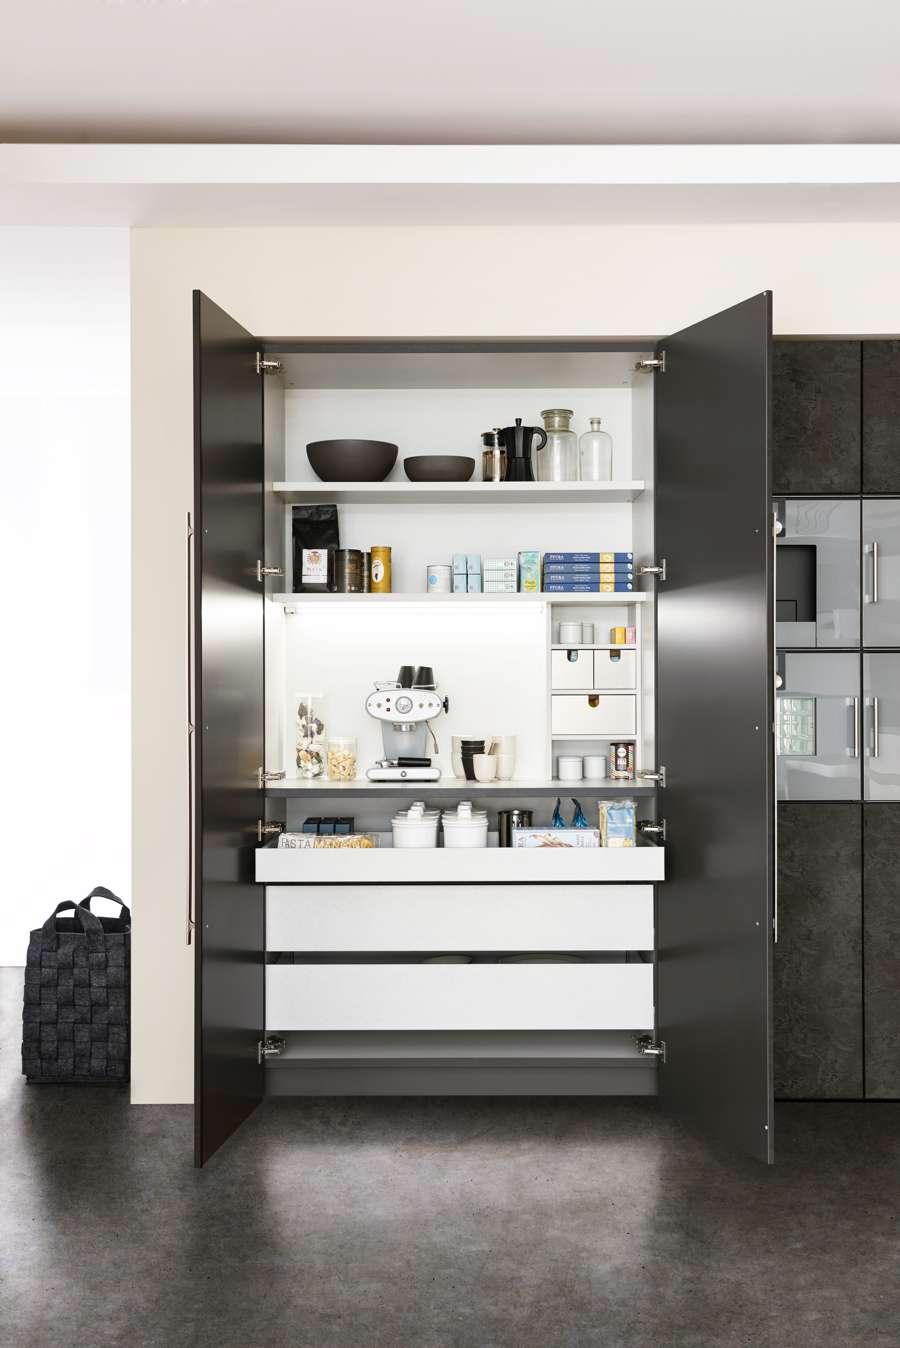 harmonie von k che und wohnraum k chen journal. Black Bedroom Furniture Sets. Home Design Ideas